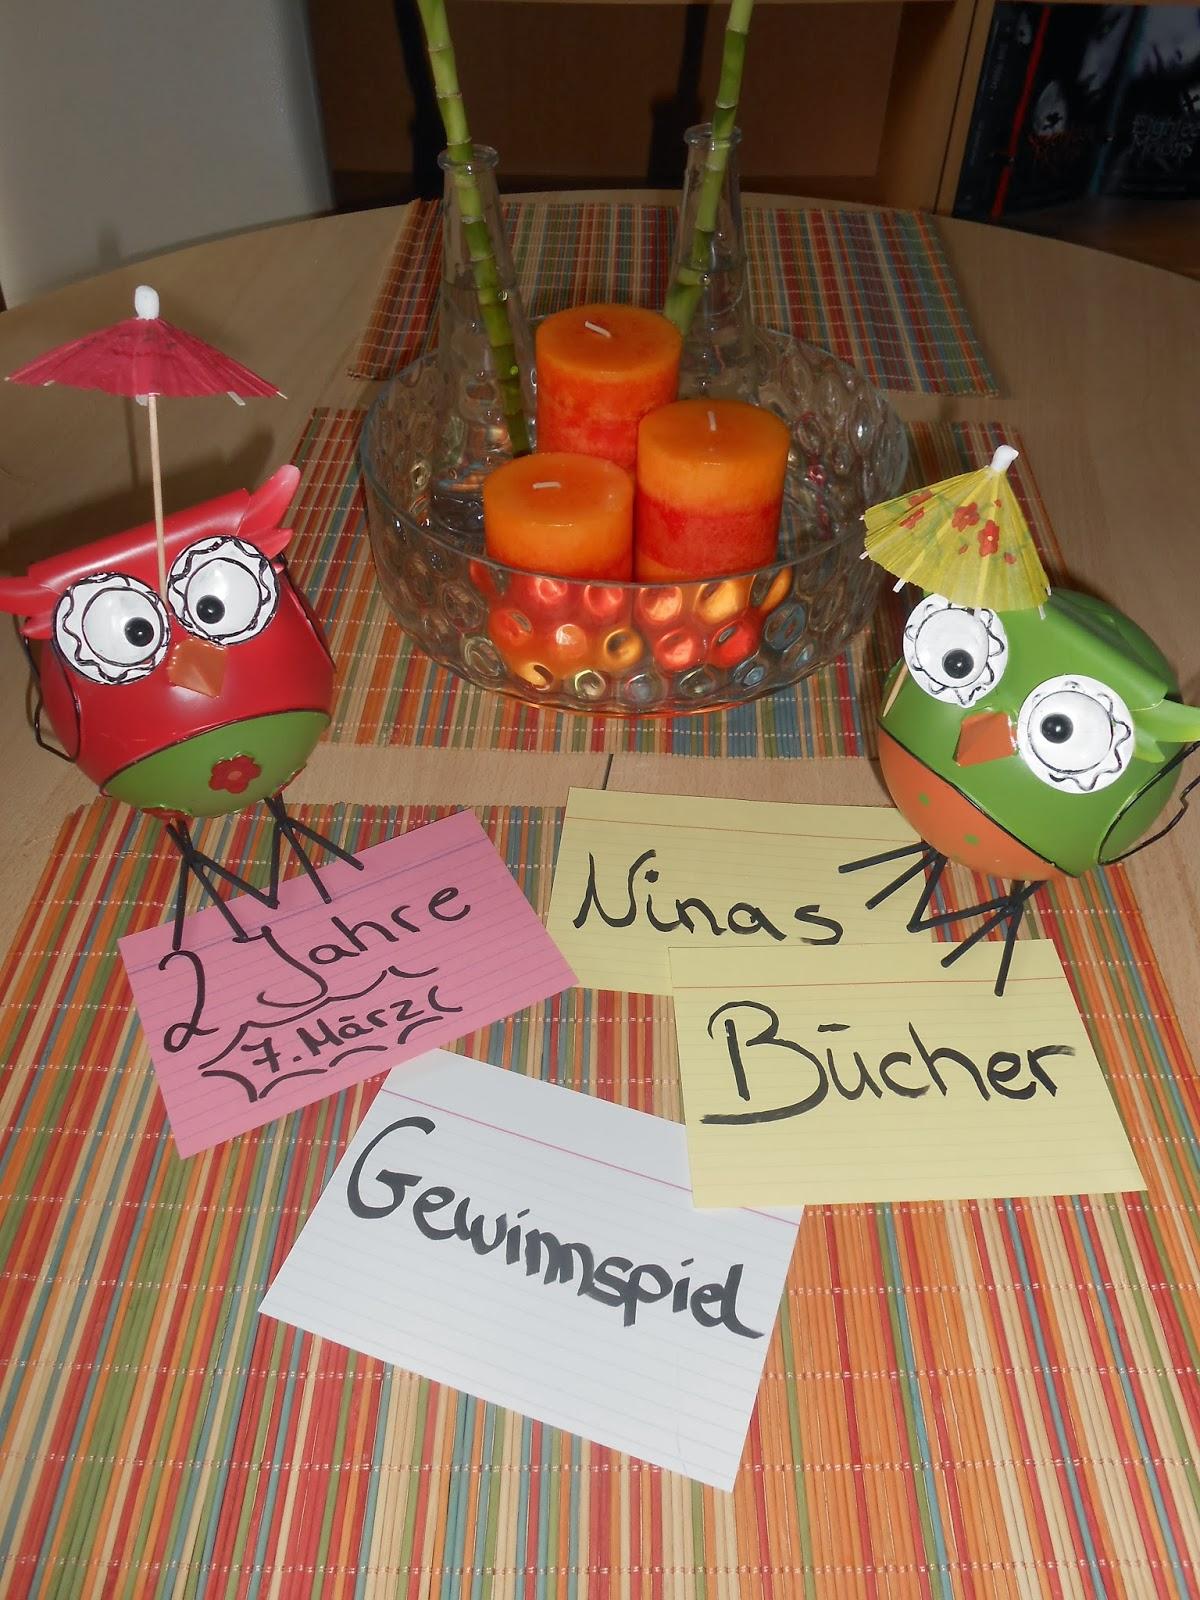 http://ninasbuecher.blogspot.de/2014/03/gewinnspiel-2-jahre-ninas-bucher.html